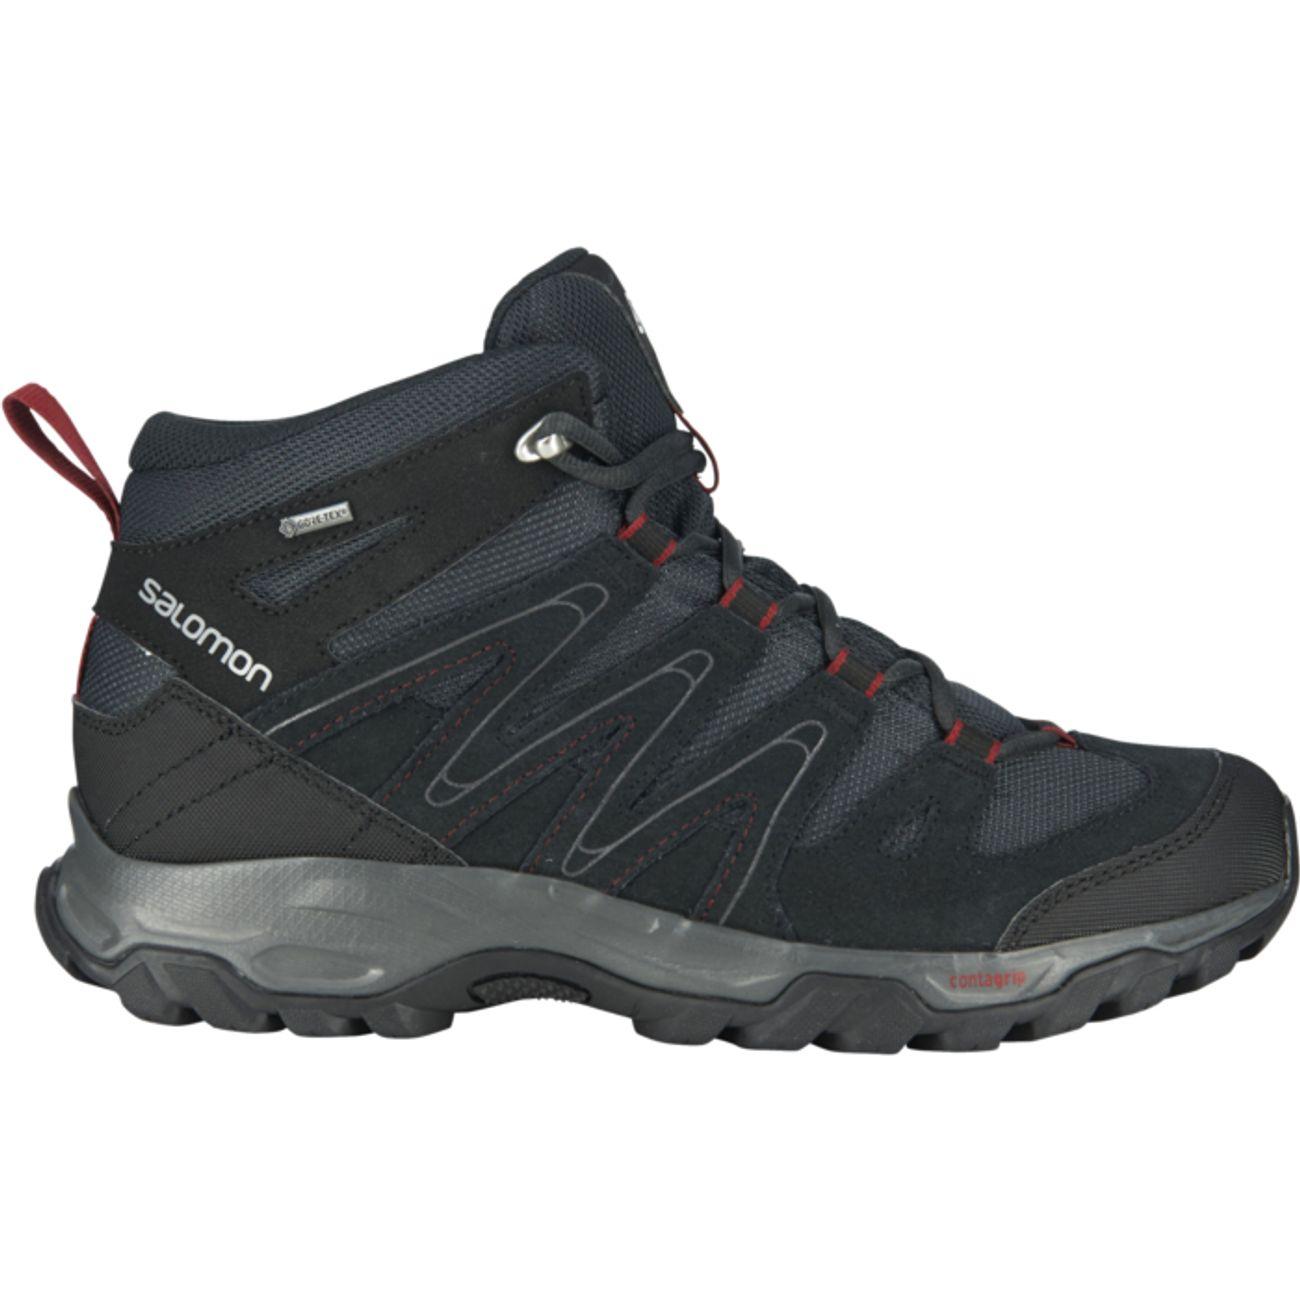 Salomon Campside Mid 5 GTX Chaussures de randonn/ée pour homme